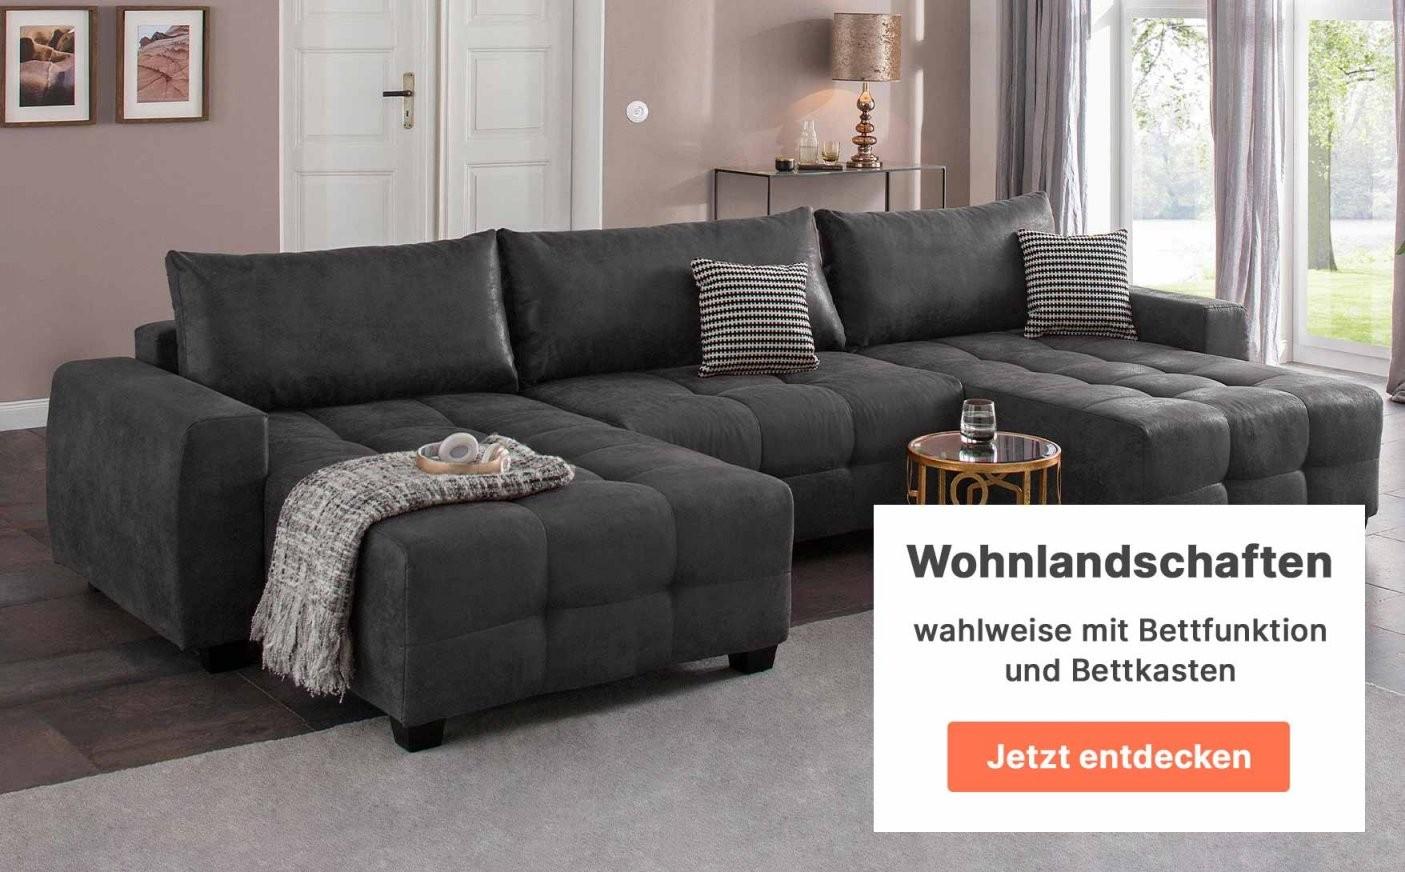 Cnouch  Polstermöbel  Wohnmöbel  Zum Onlineshop von Polsterecke Mit Bettfunktion Wahlweise Mit Federkern Photo